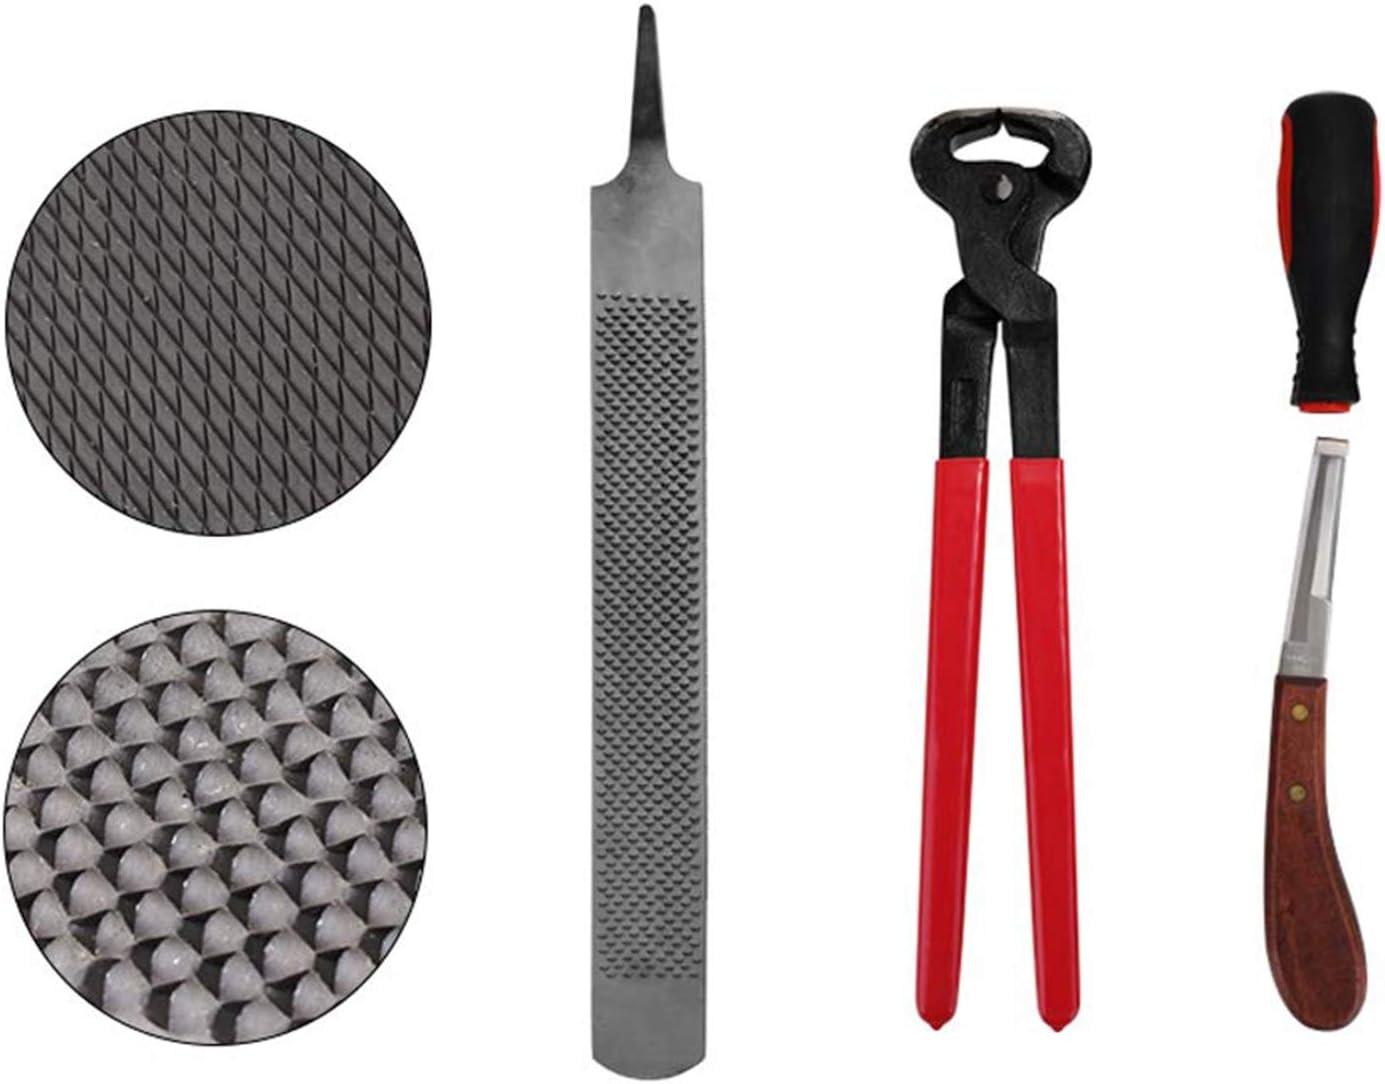 LBWNB 4 Pi/èCes Garniture de Sabot Trousse /à Outils pour Sabot Nipper Trim Outil de Ferrage Accessoire de Soin de Cheval